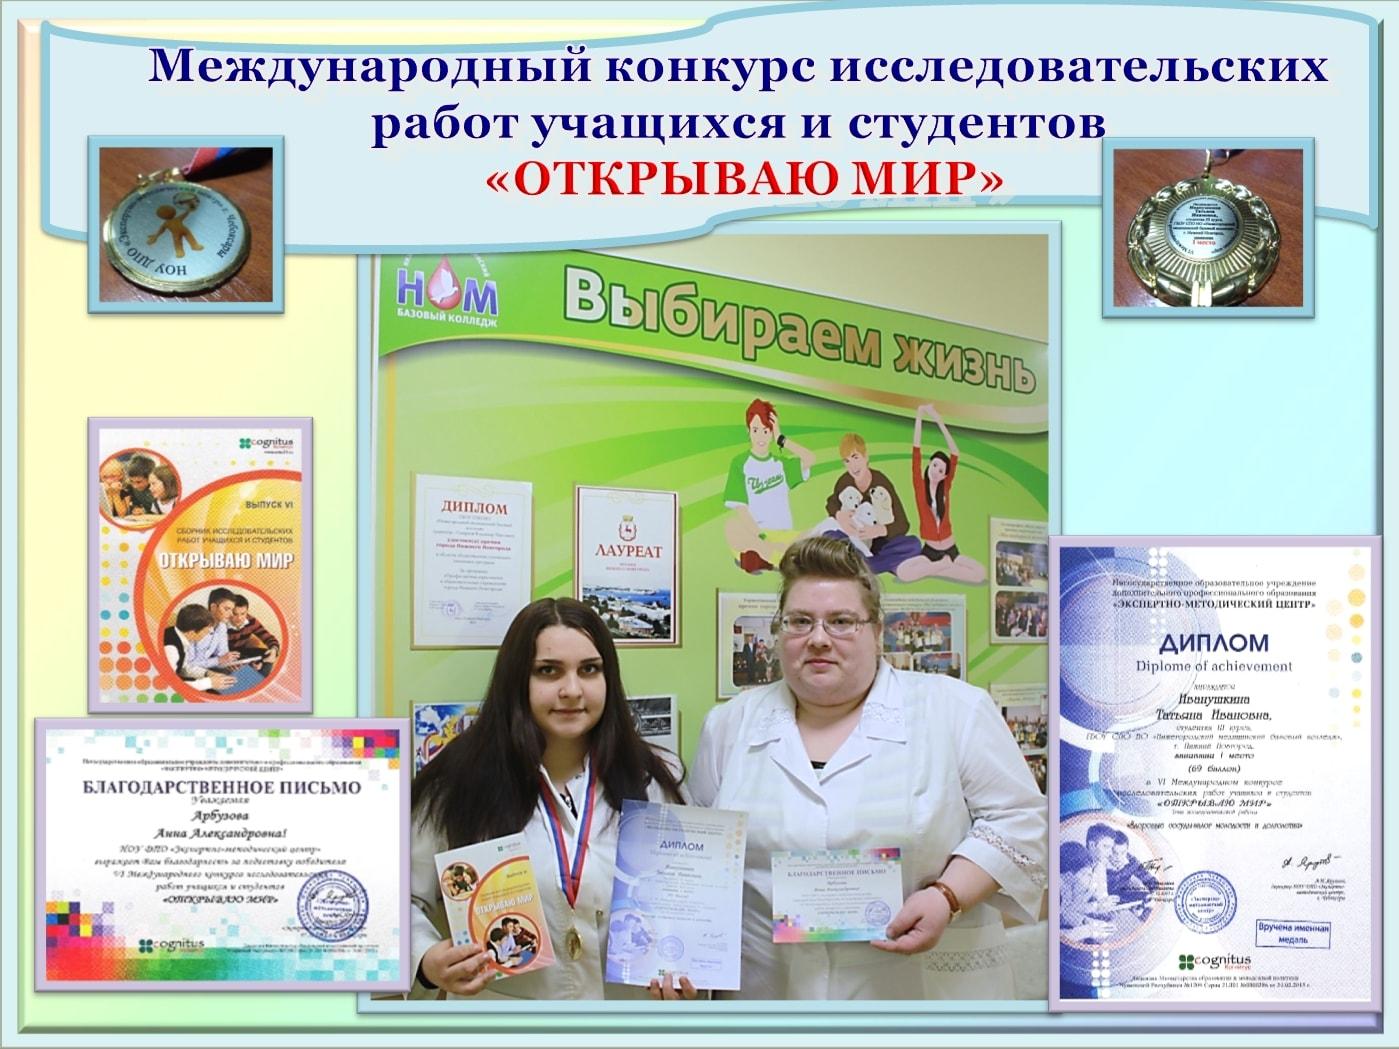 2015.12.30 Международный конкурс открываю мир